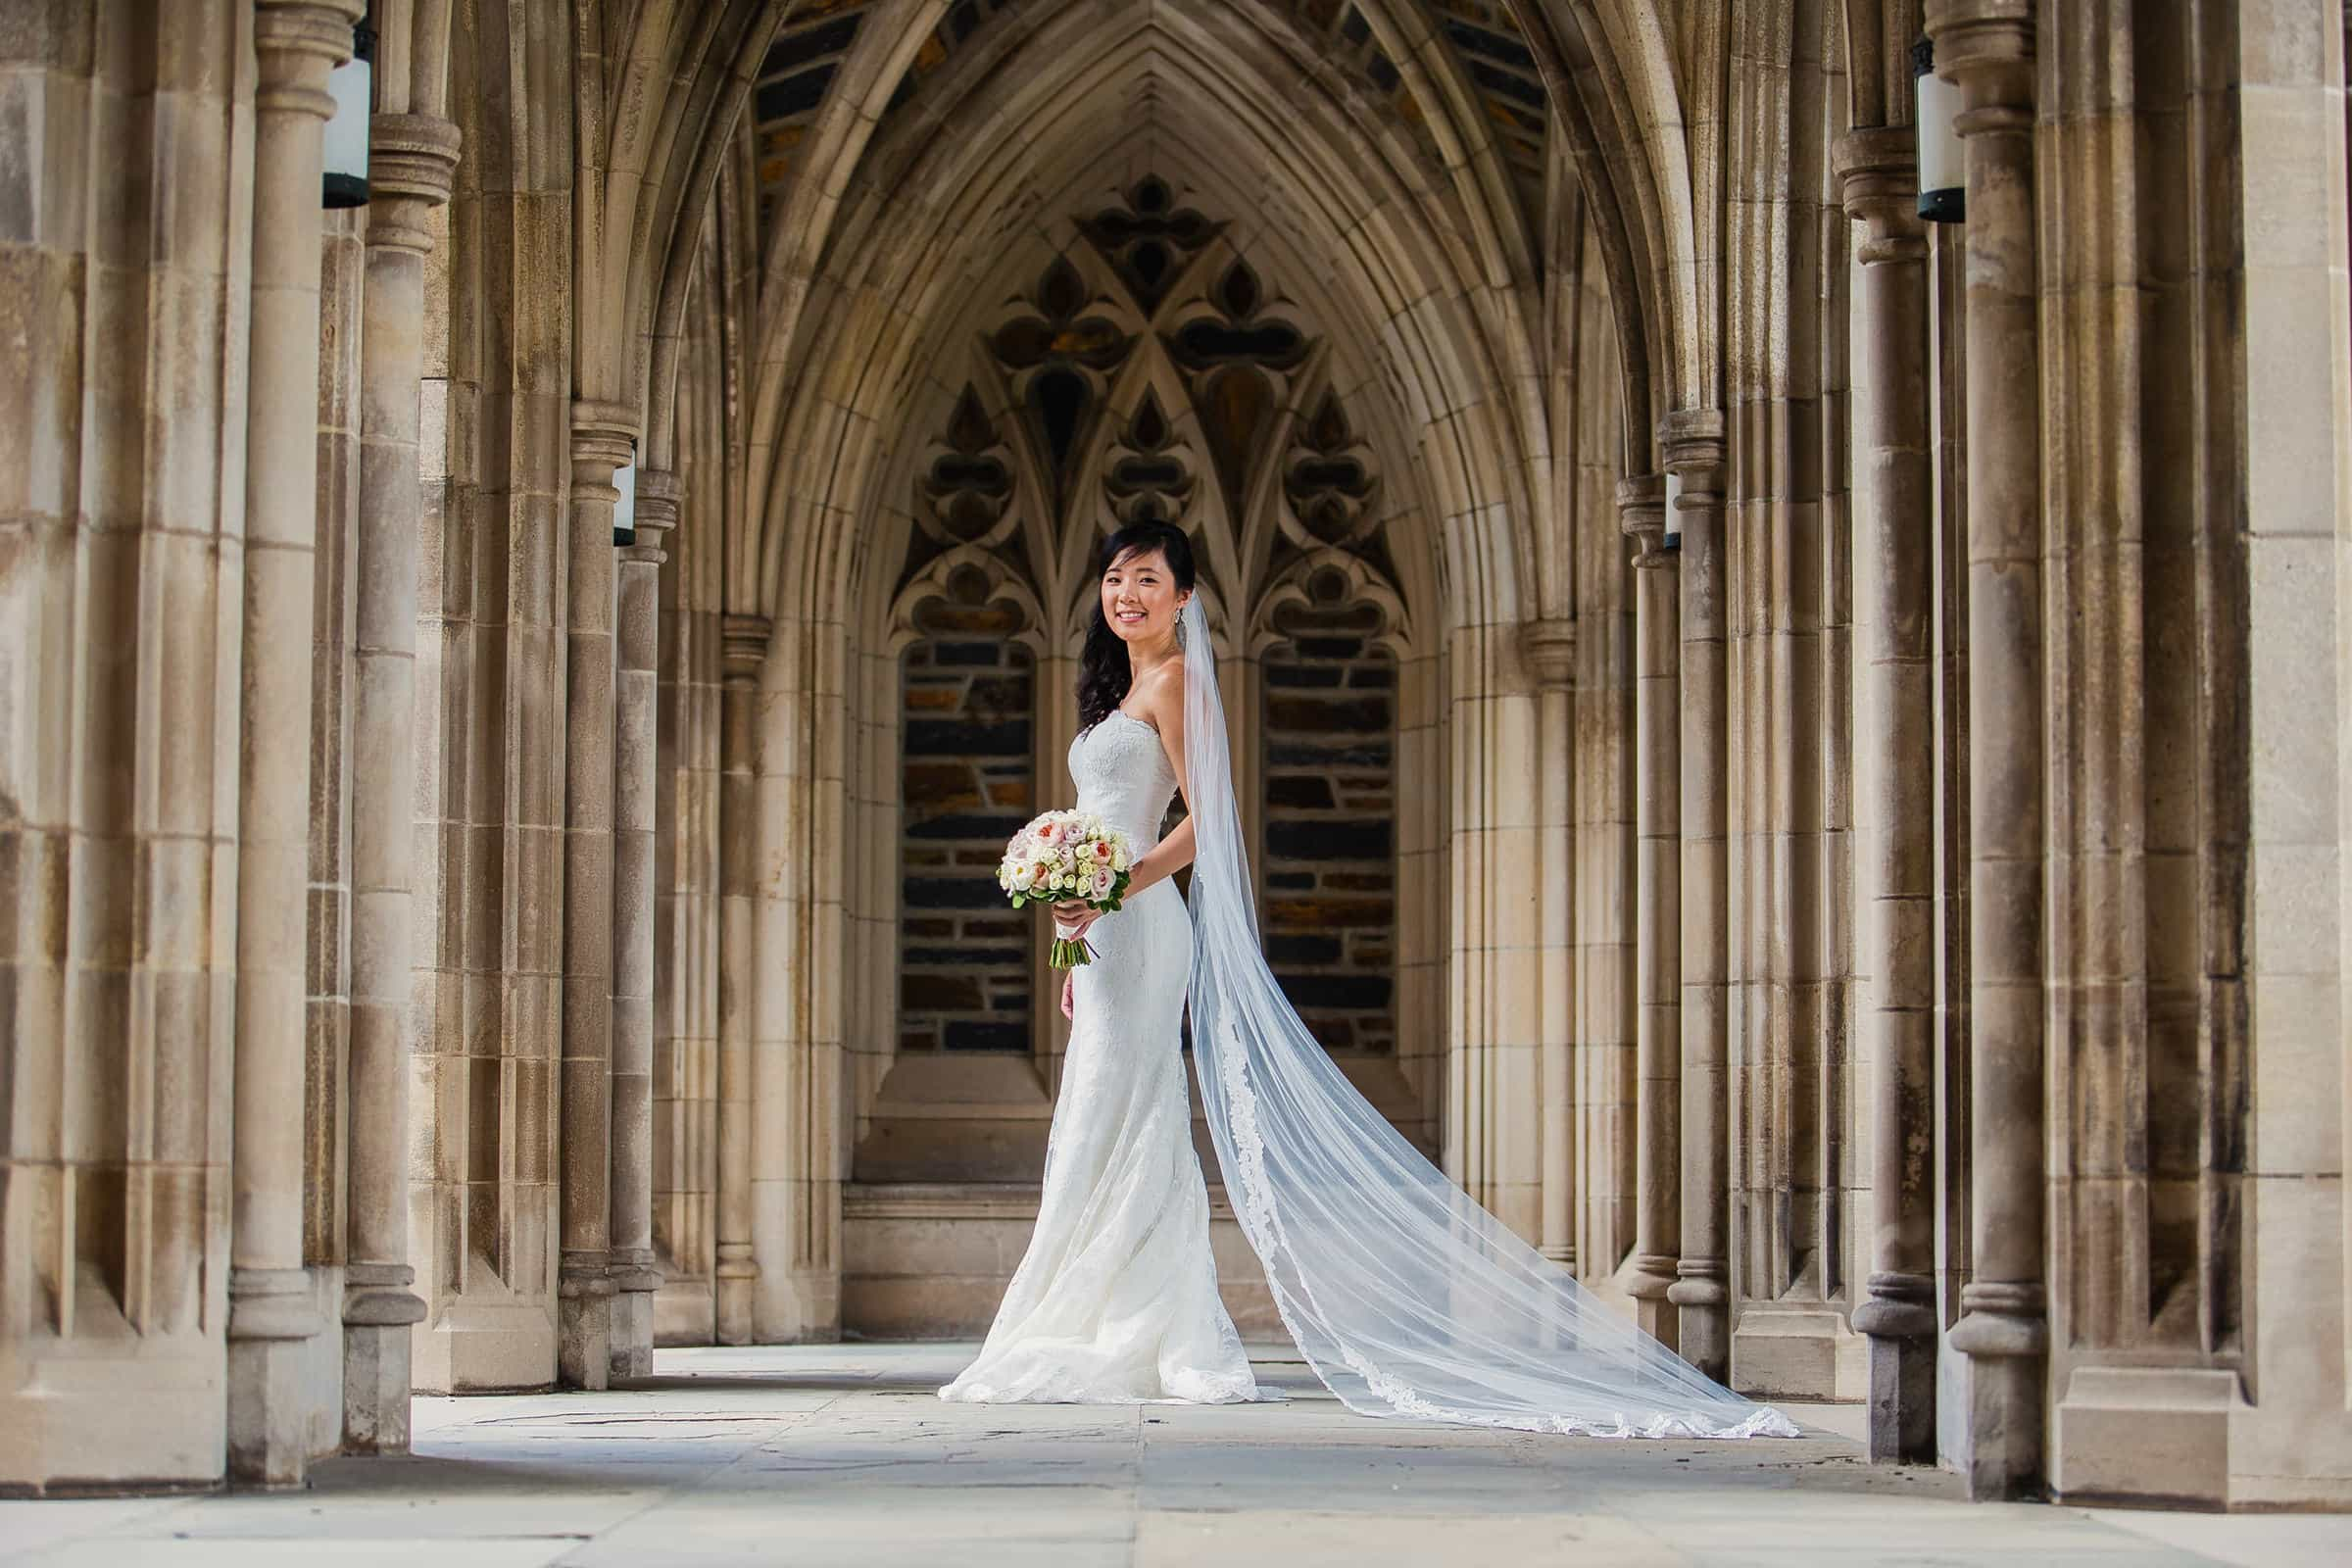 Duke Chapel Wedding Portfolio - Bride in Arcades